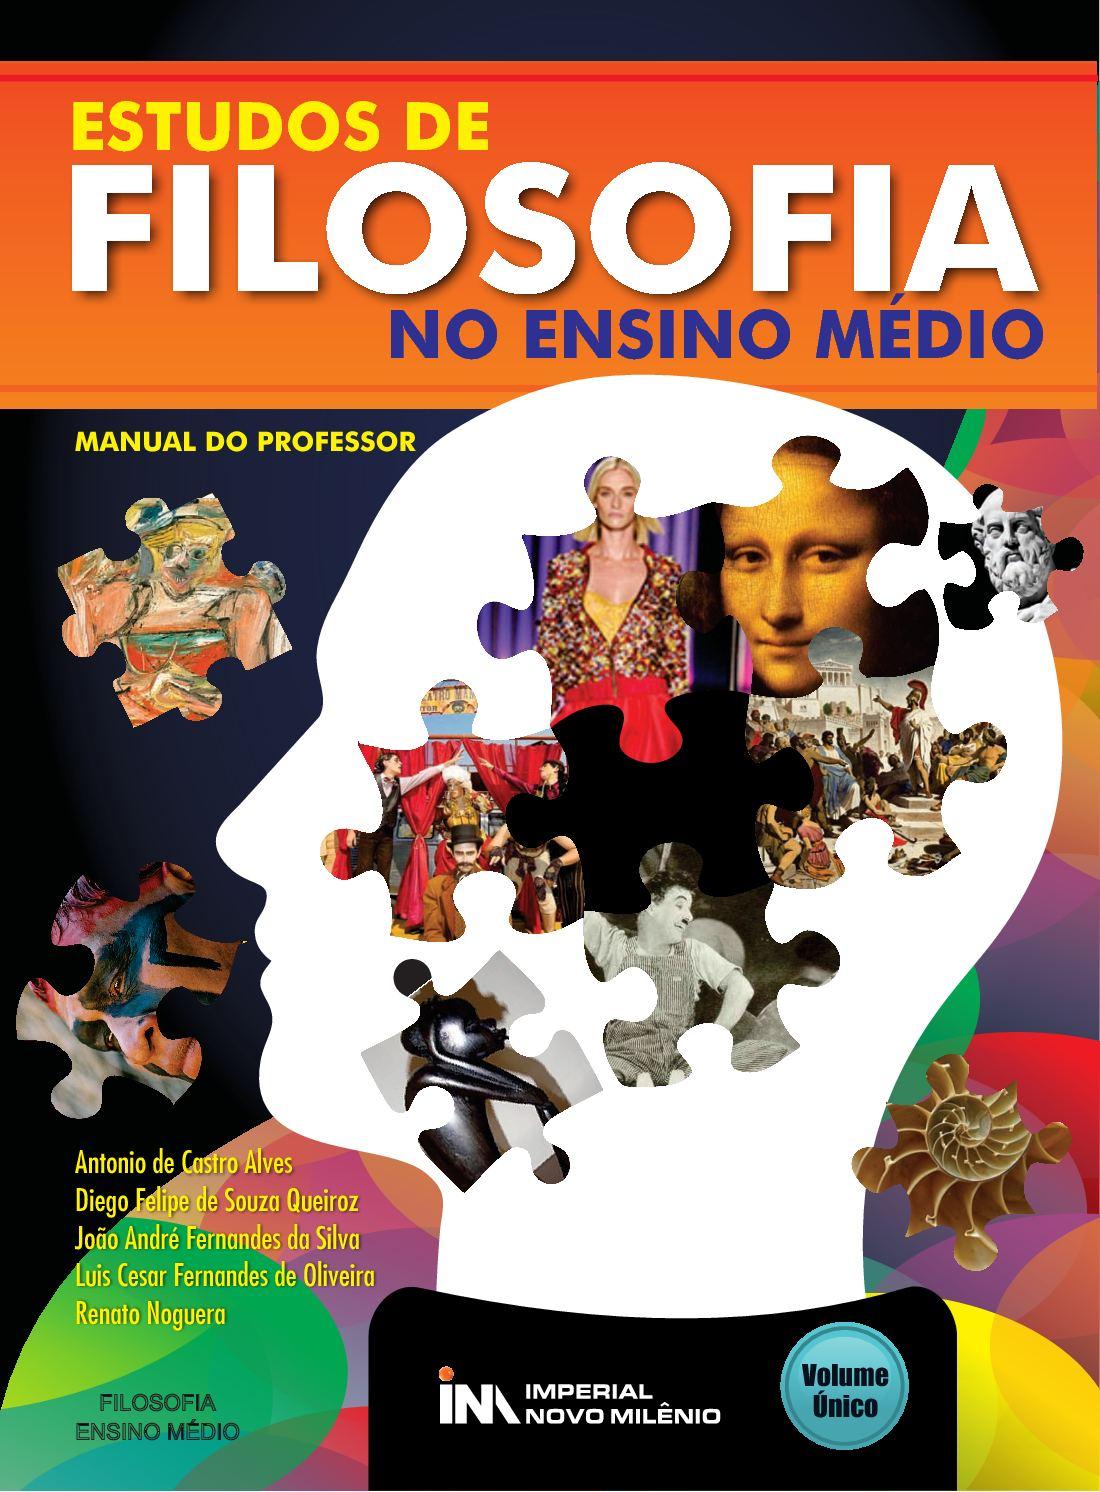 Calaméo - Filosofia 2017 a0d0633505e99